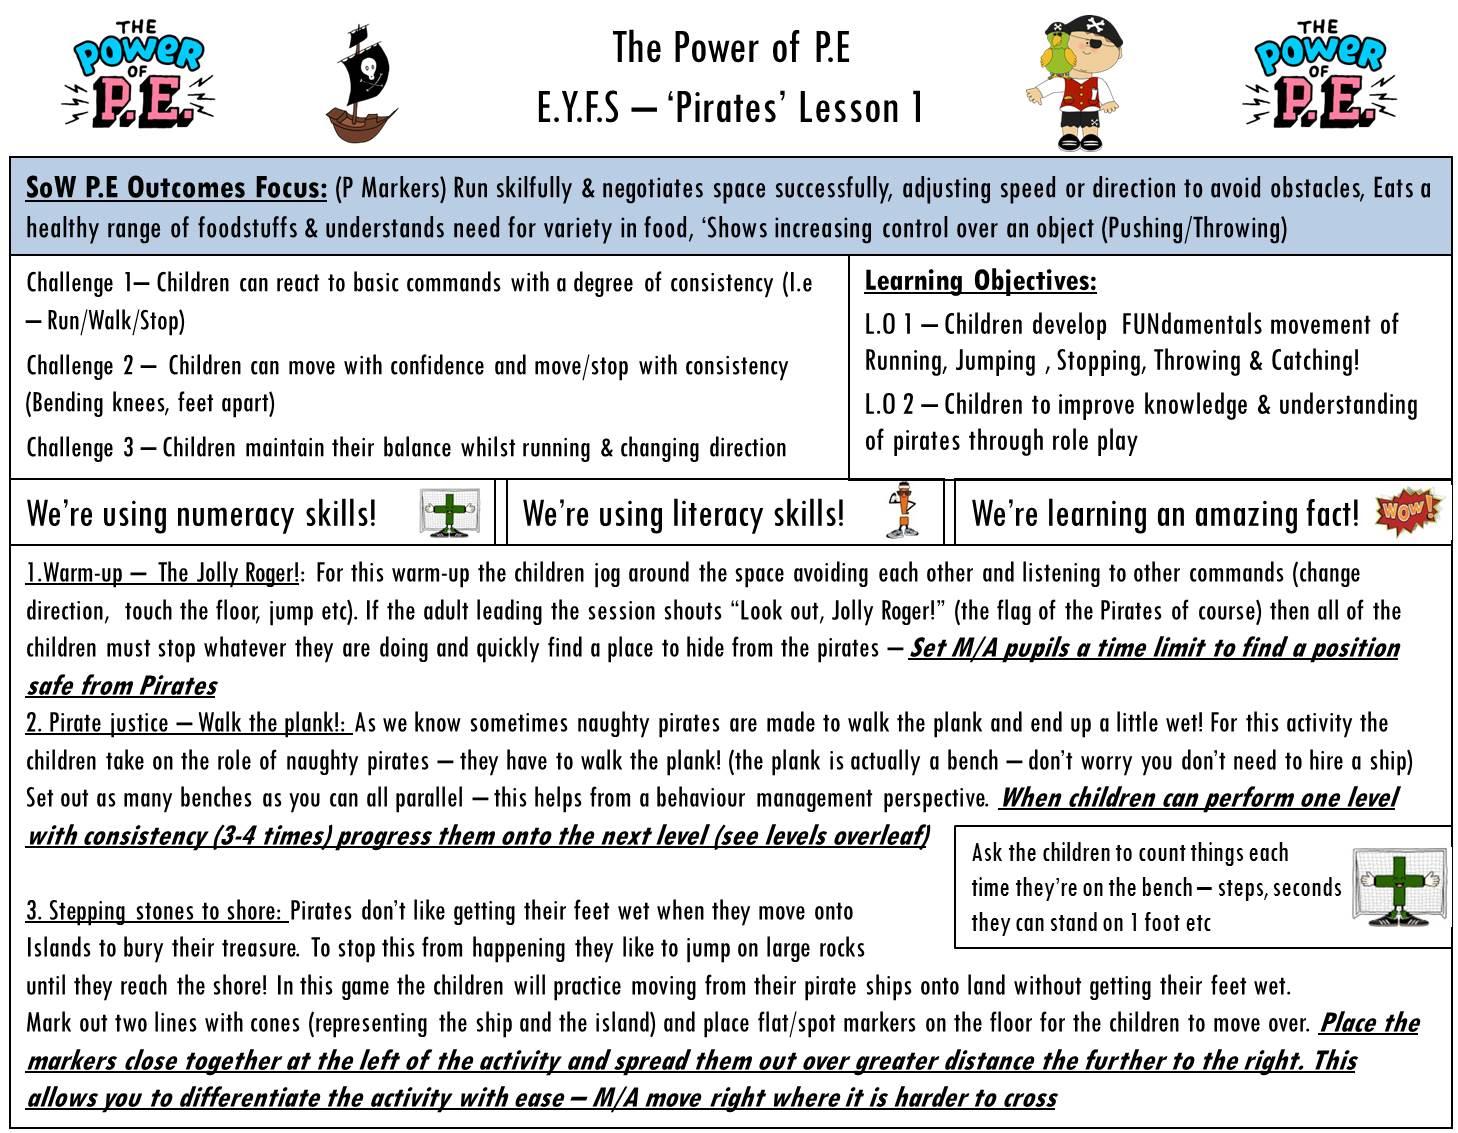 Power of P.E Pirates Lesson 1